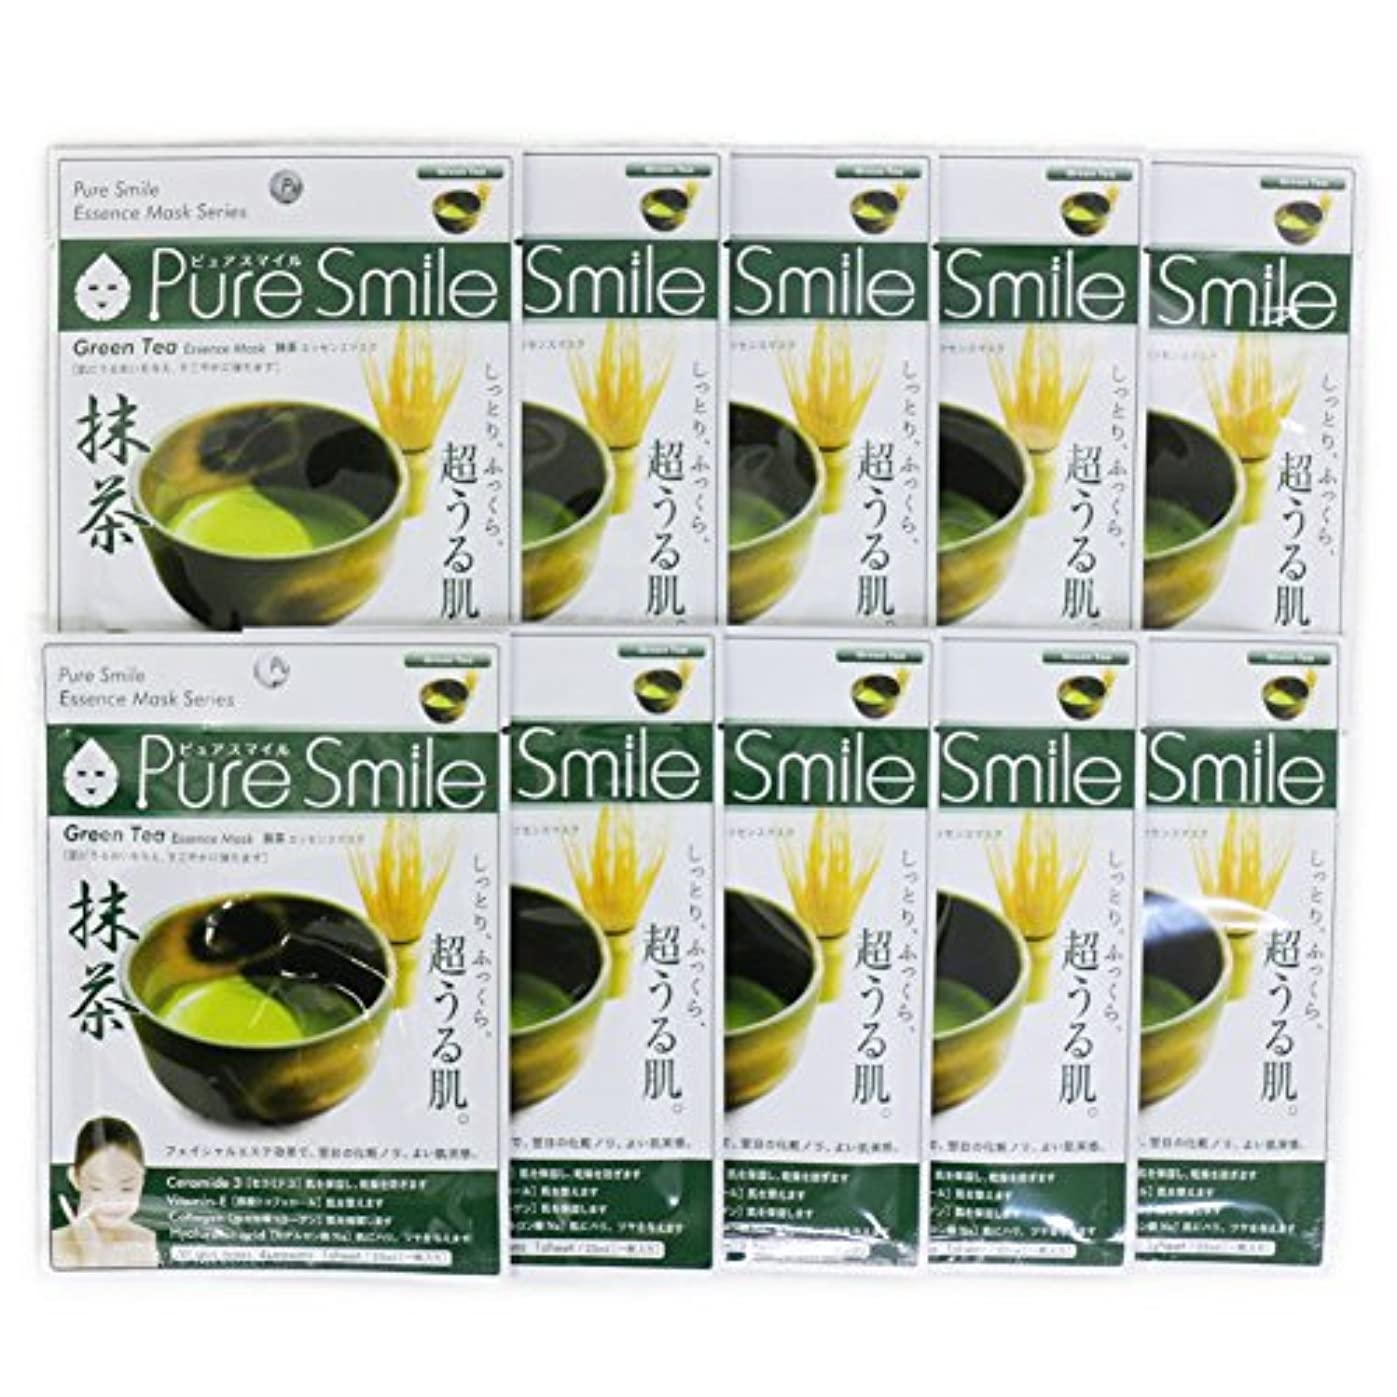 ゆるく時刻表レモンPure Smile ピュアスマイル エッセンスマスク 抹茶 10枚セット